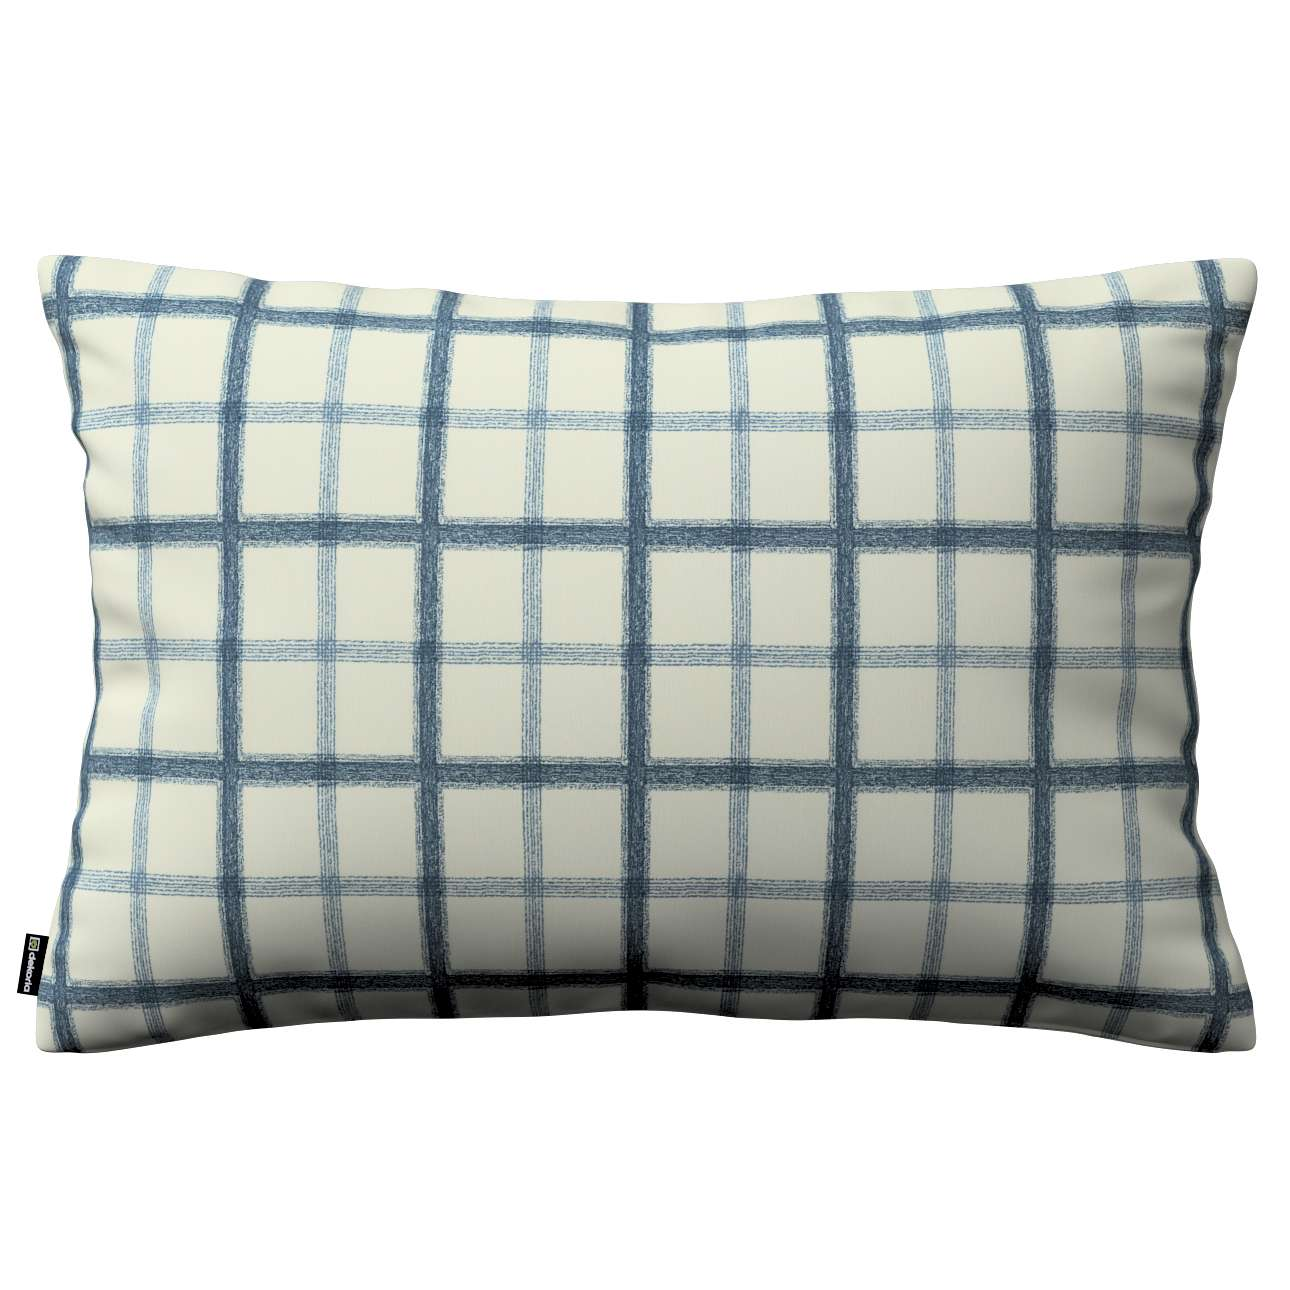 Kinga dekoratyvinės pagalvėlės užvalkalas 60x40cm 60x40cm kolekcijoje Avinon, audinys: 131-66